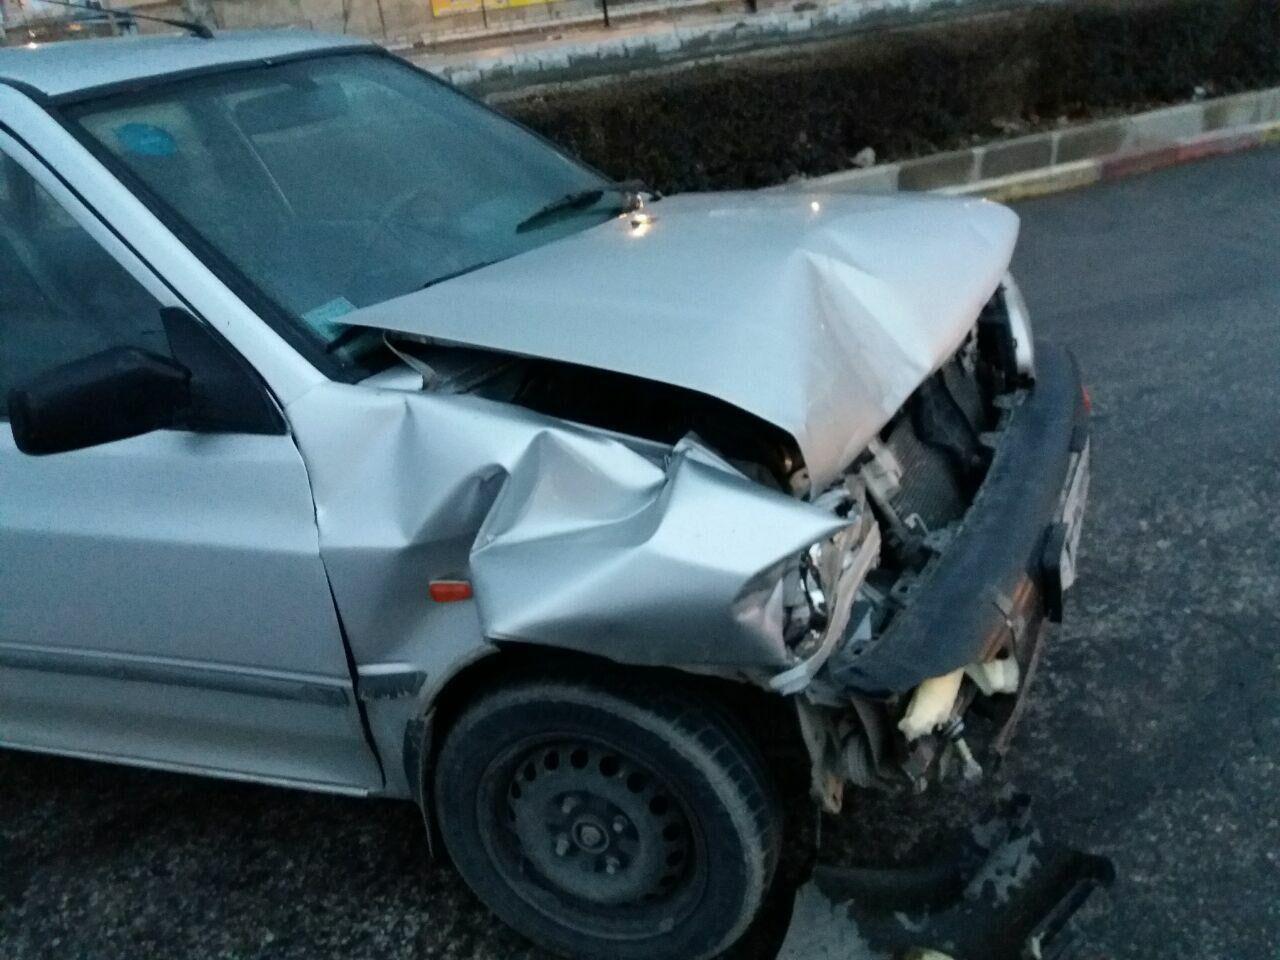 حادثه رانندگی در خوشاب یک کشته برجای گذاشت